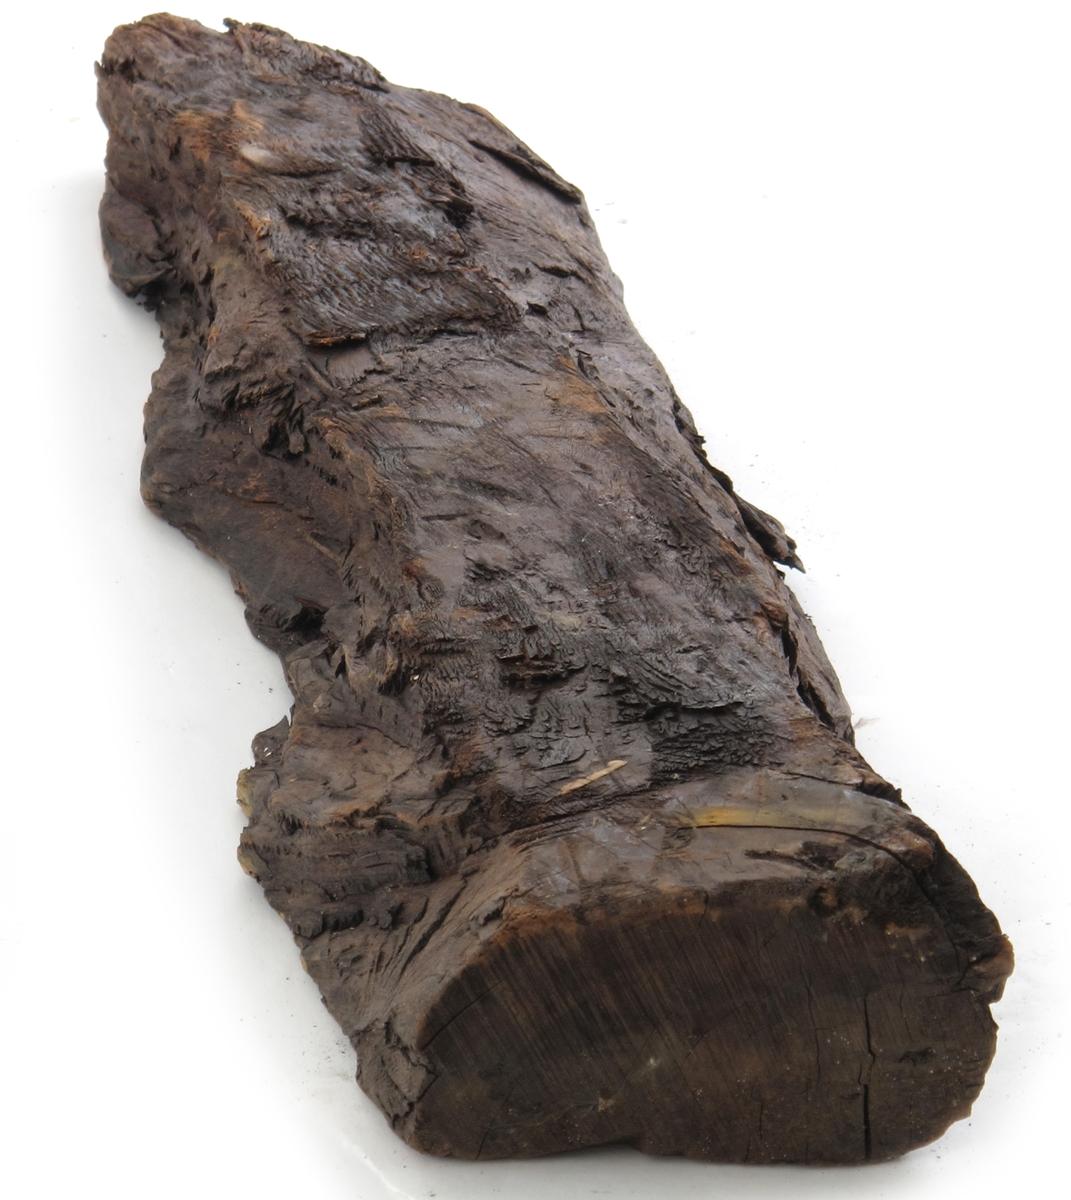 Cuba-mahogny. Liten stykke planke. Flatskåret på begge sider, ikke avrettet langs kantene. Rødlig i flatskårne partier. Avskåret med sag i ene ende, hugget spiss i den andre ende.